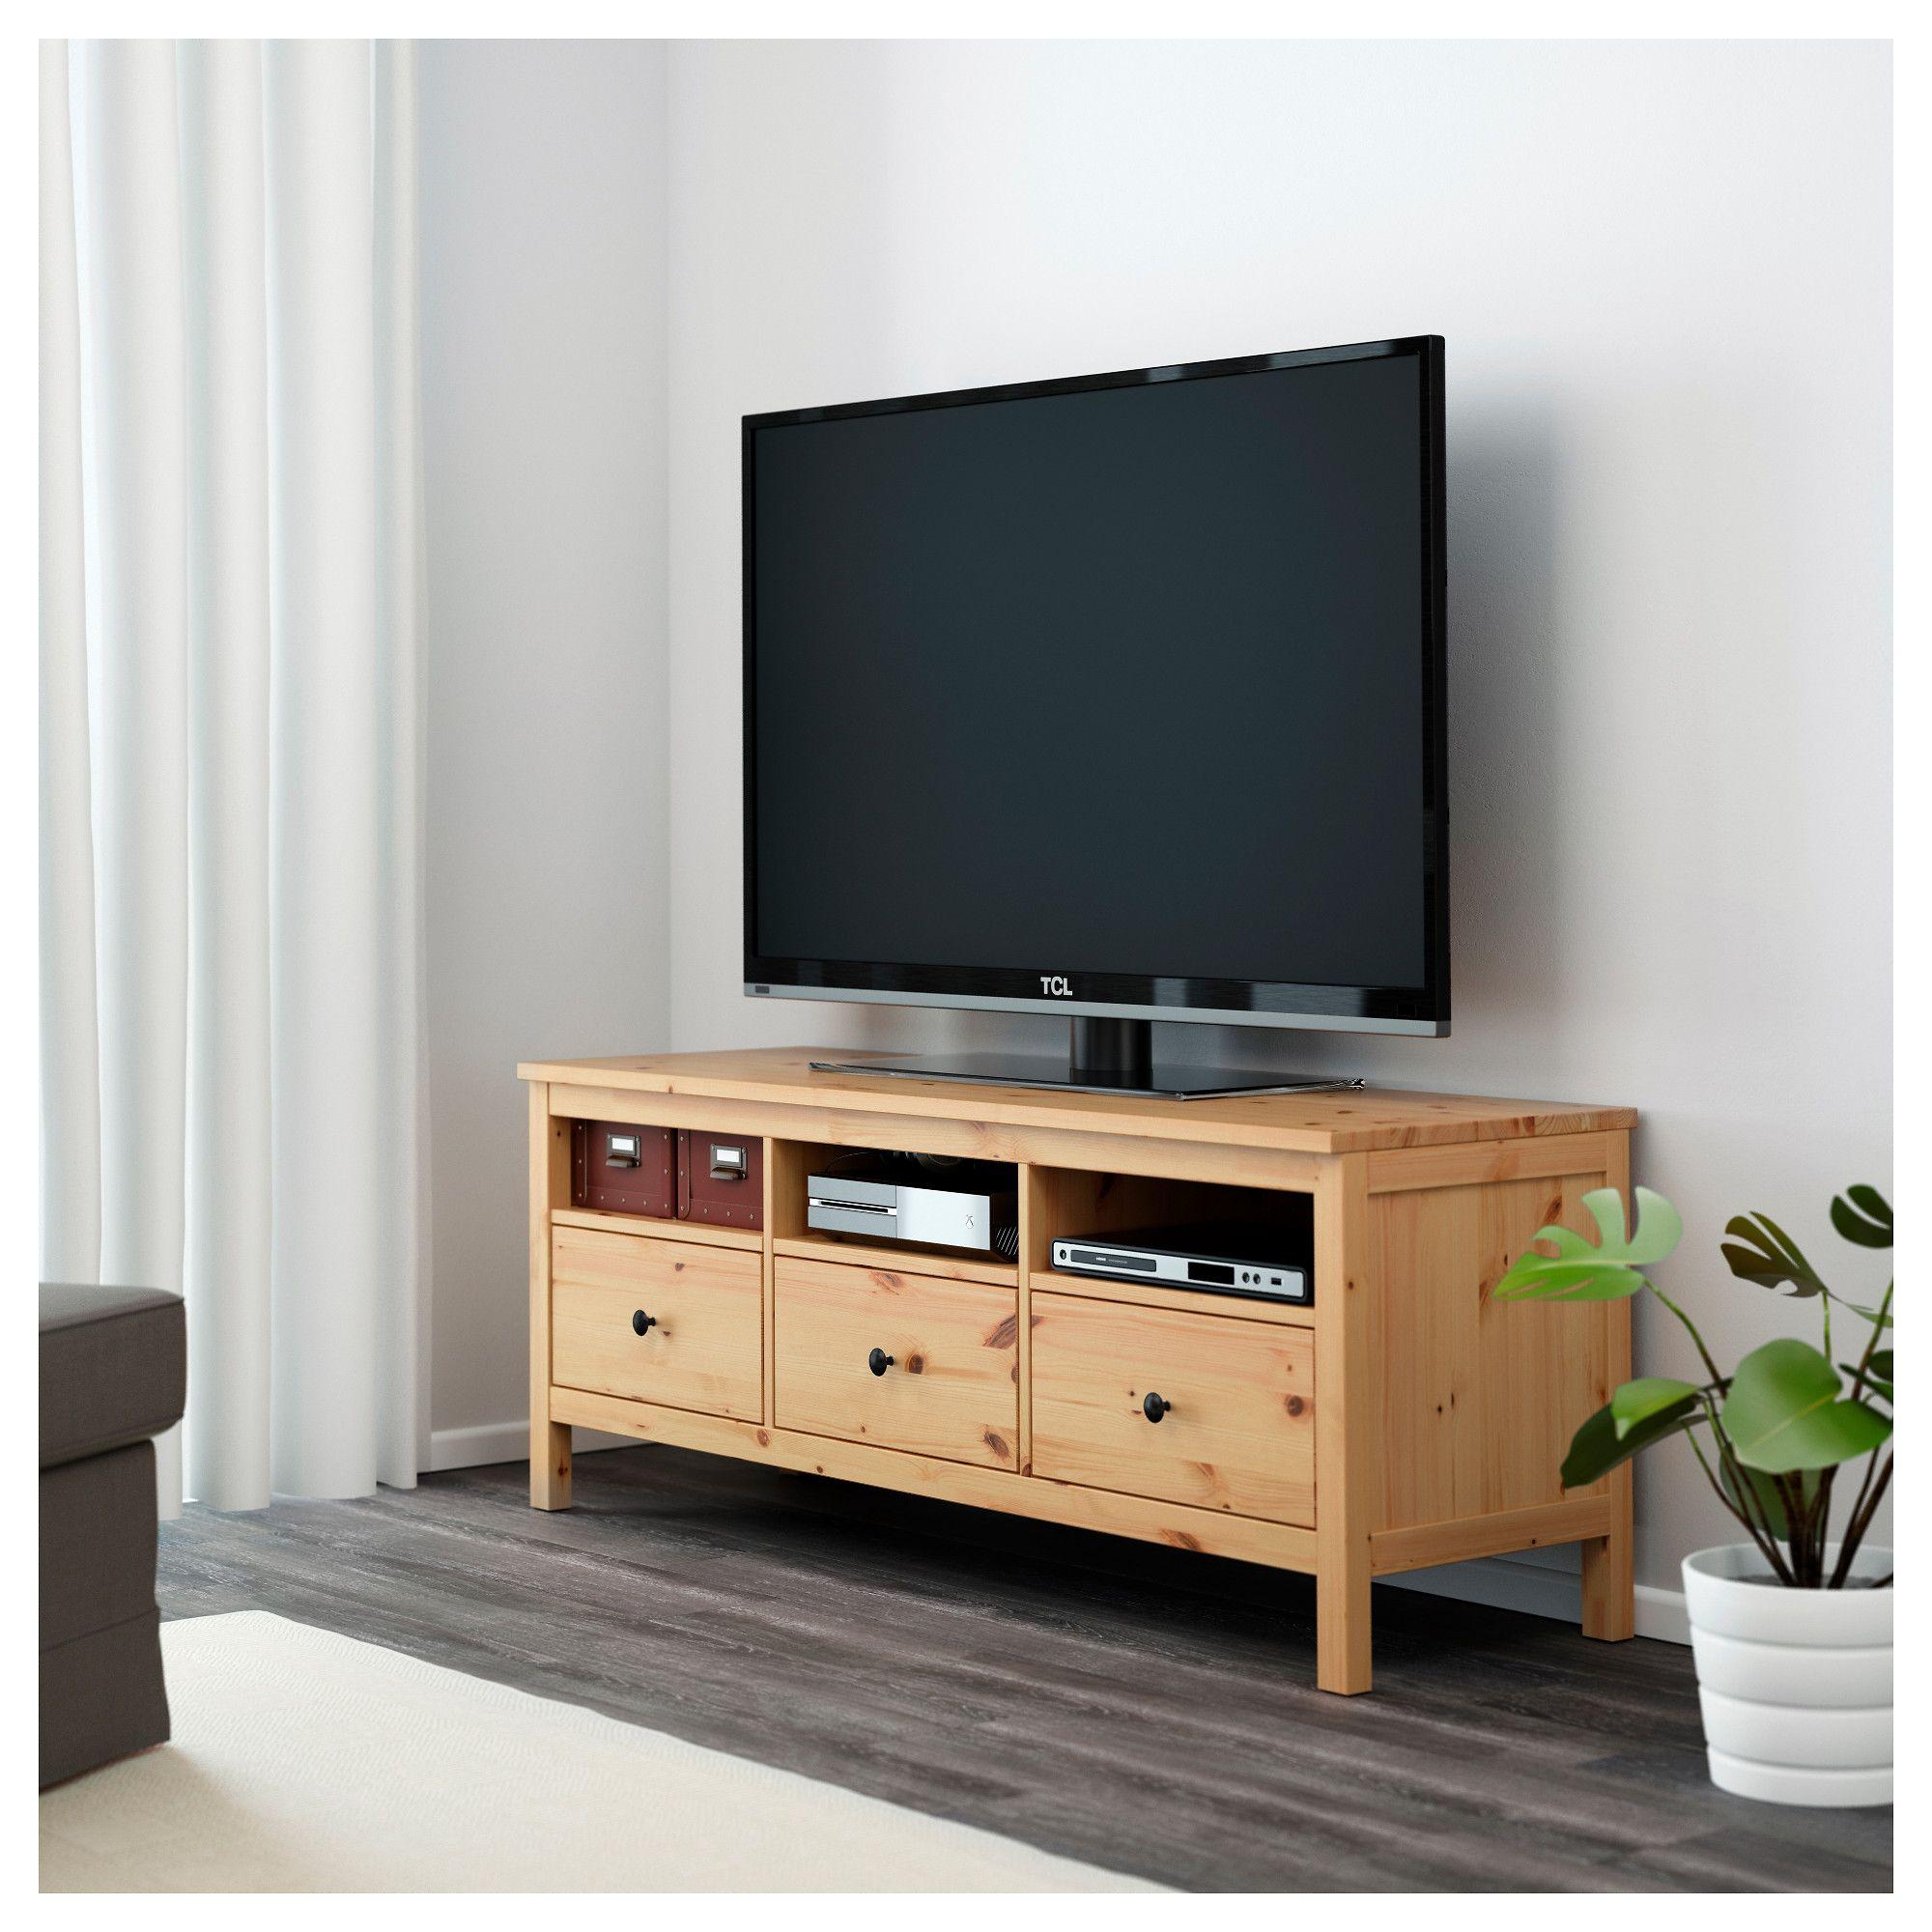 hemnes tv unit, black-brown | family room | pinterest | hemnes, tv